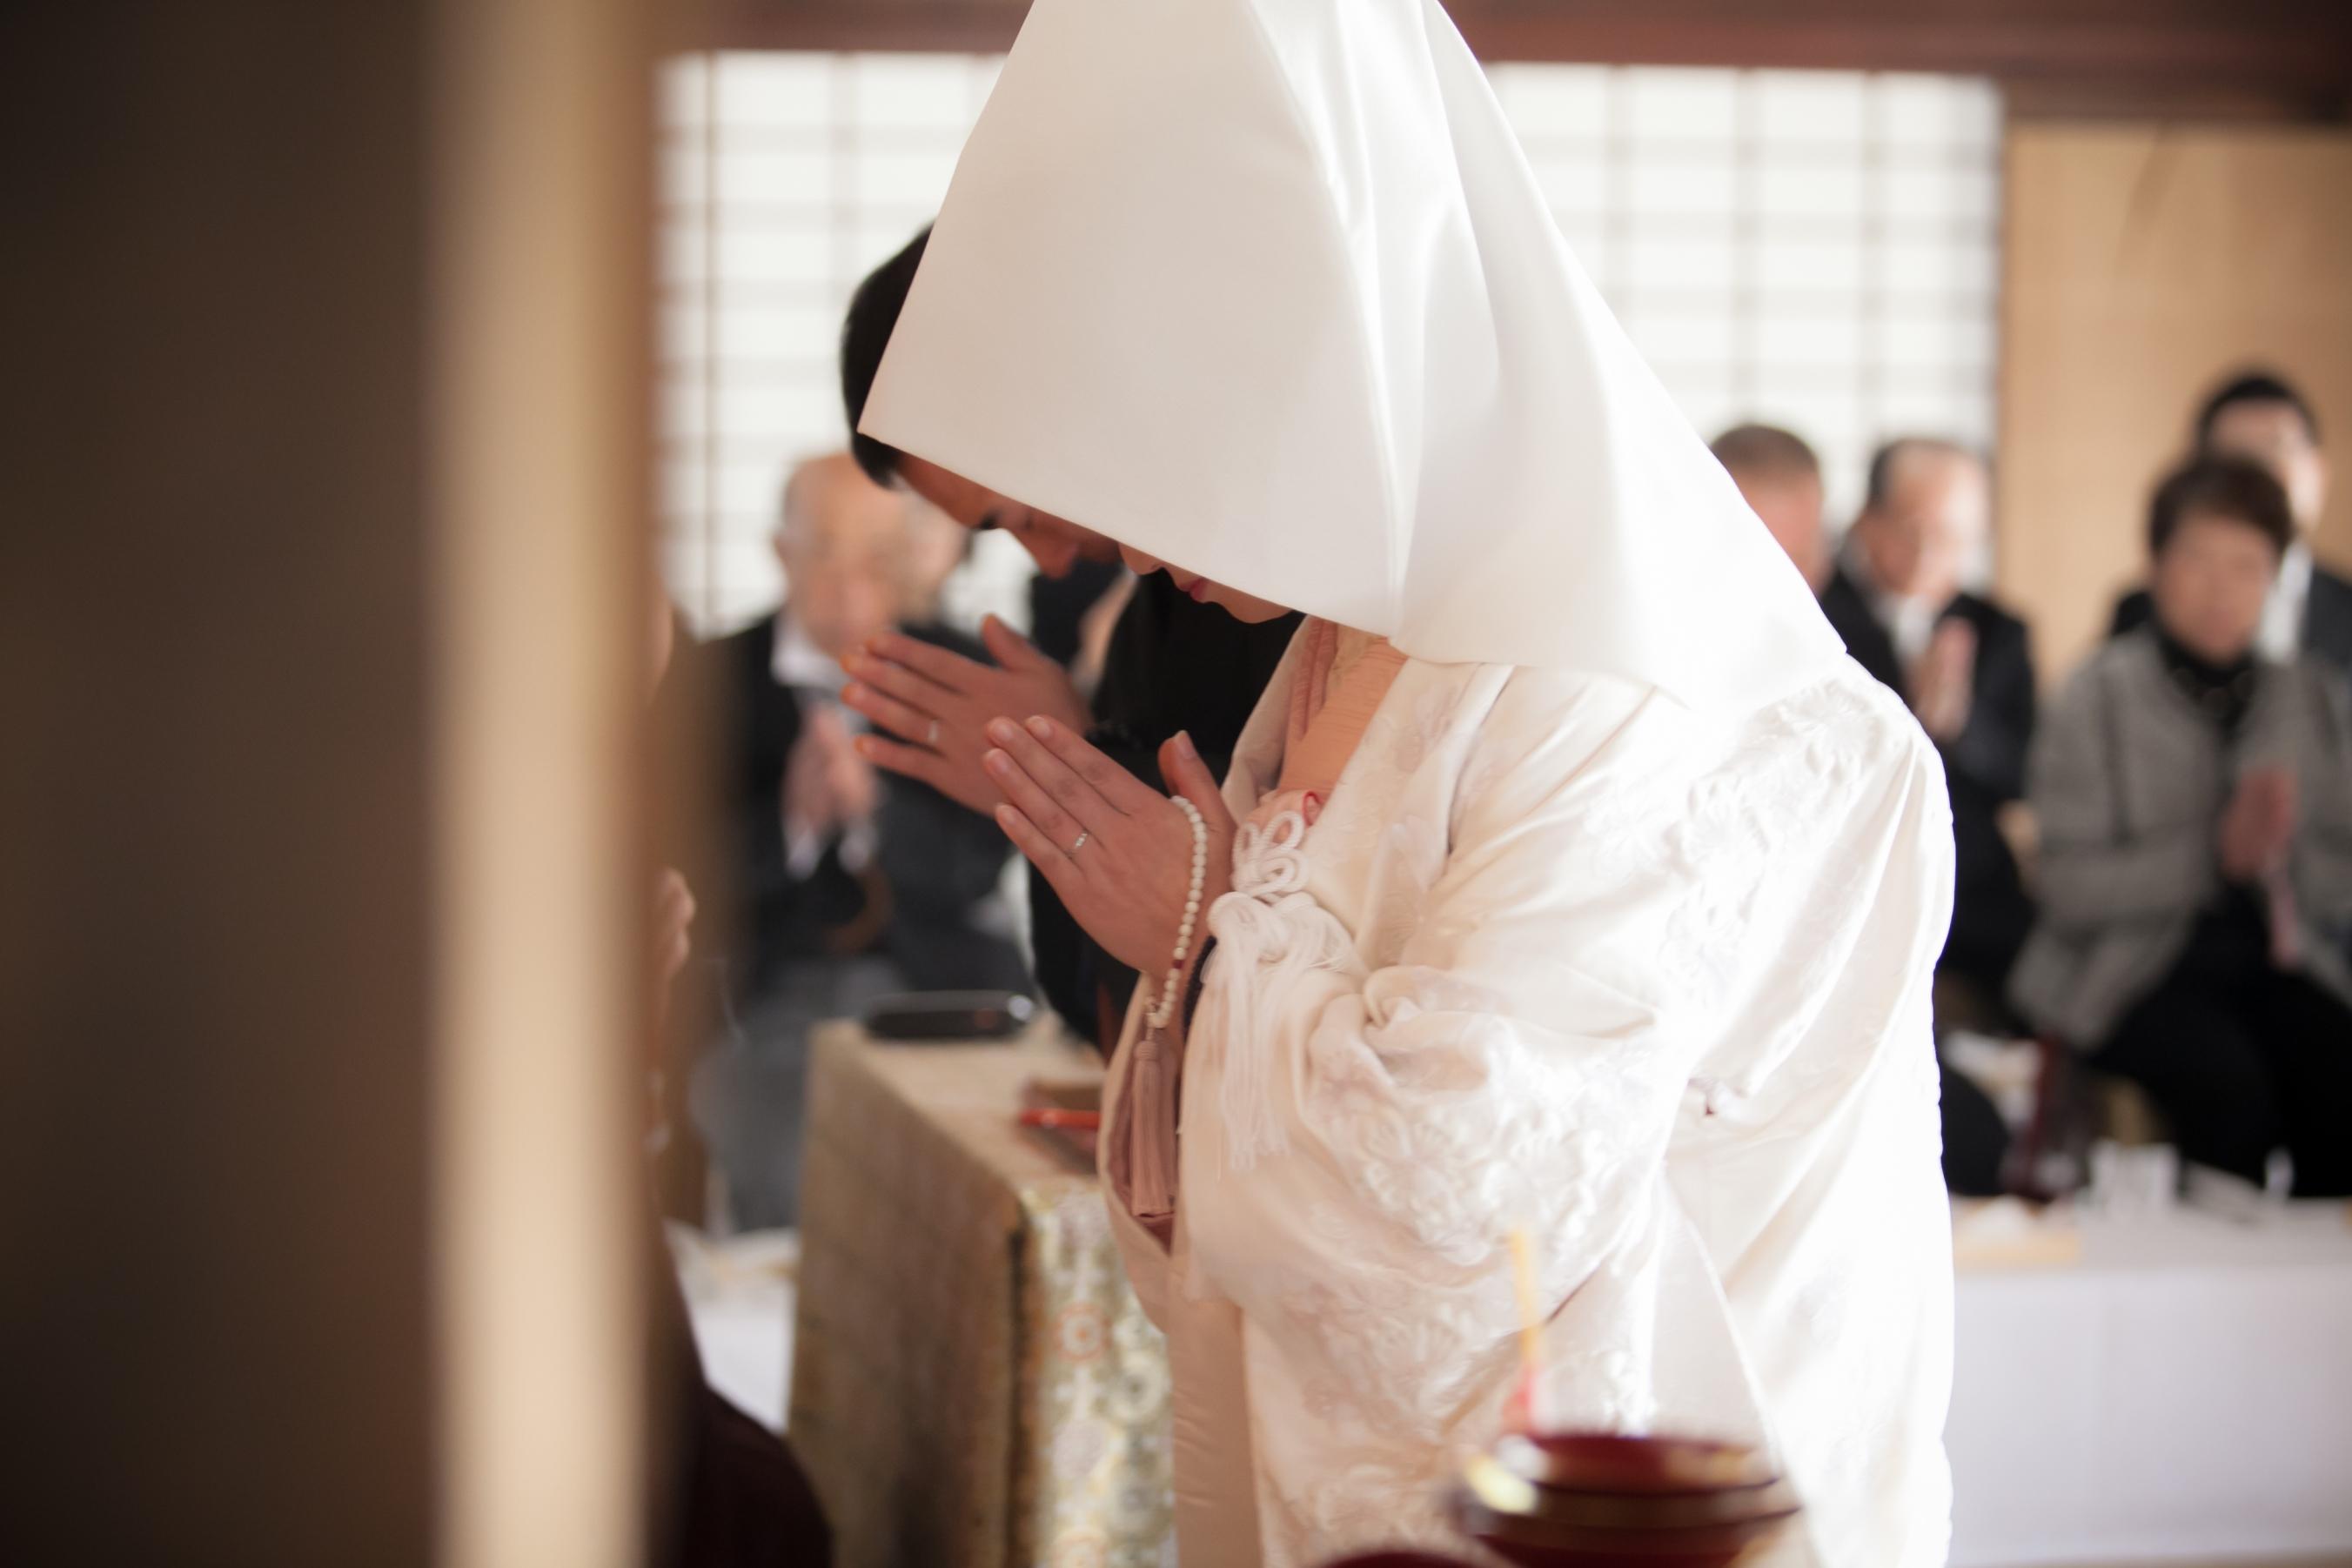 妙心寺退蔵院での結婚式レポート更新しました♪ 【2016.1.11挙式】